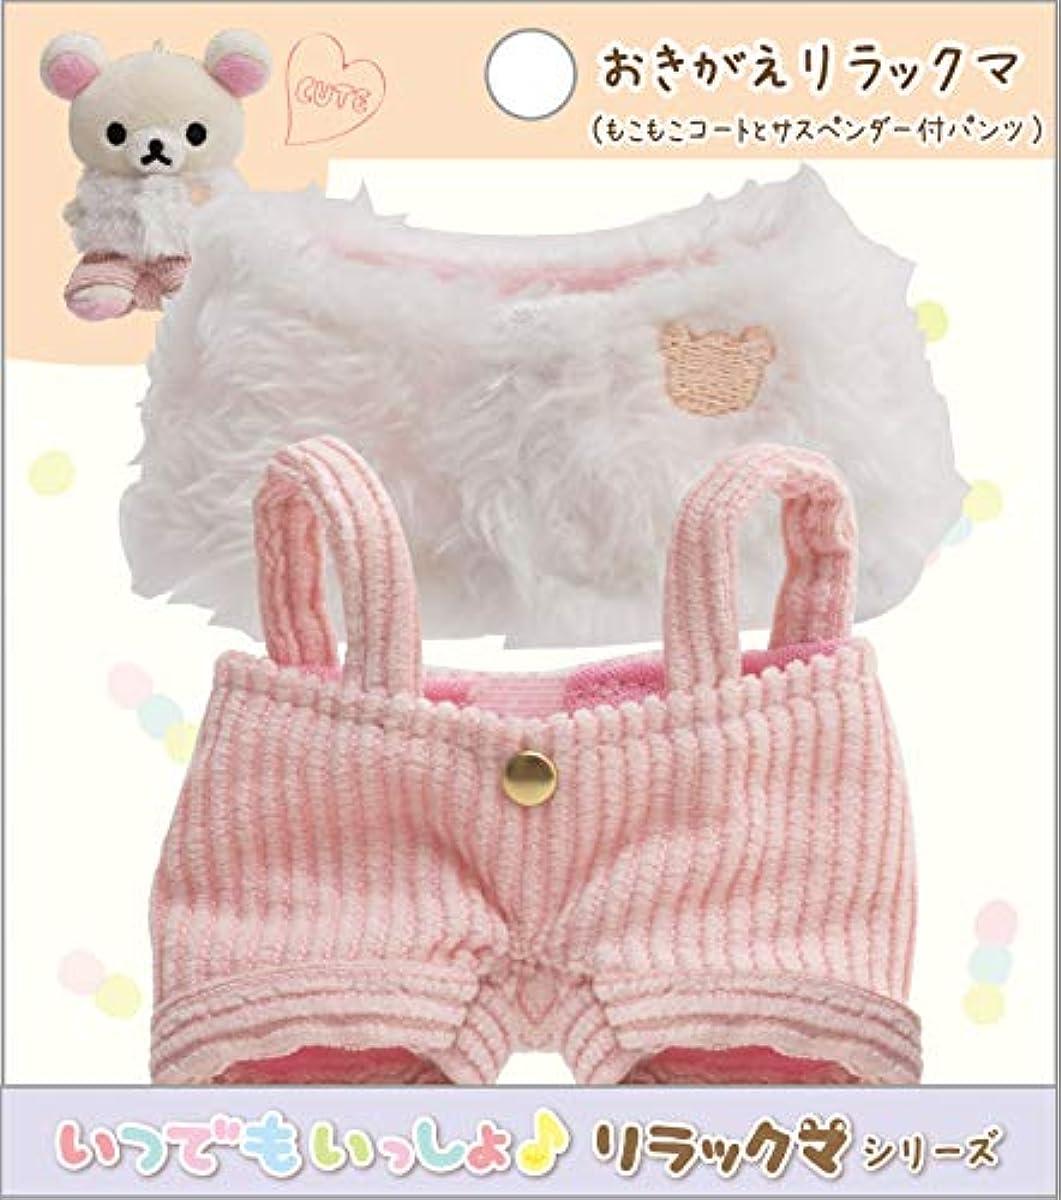 [해외] 리락쿠마 언제라도 함께 옷갈아입히기 리락쿠마 포근포근 코팅와 서스펜더 부착 팬츠